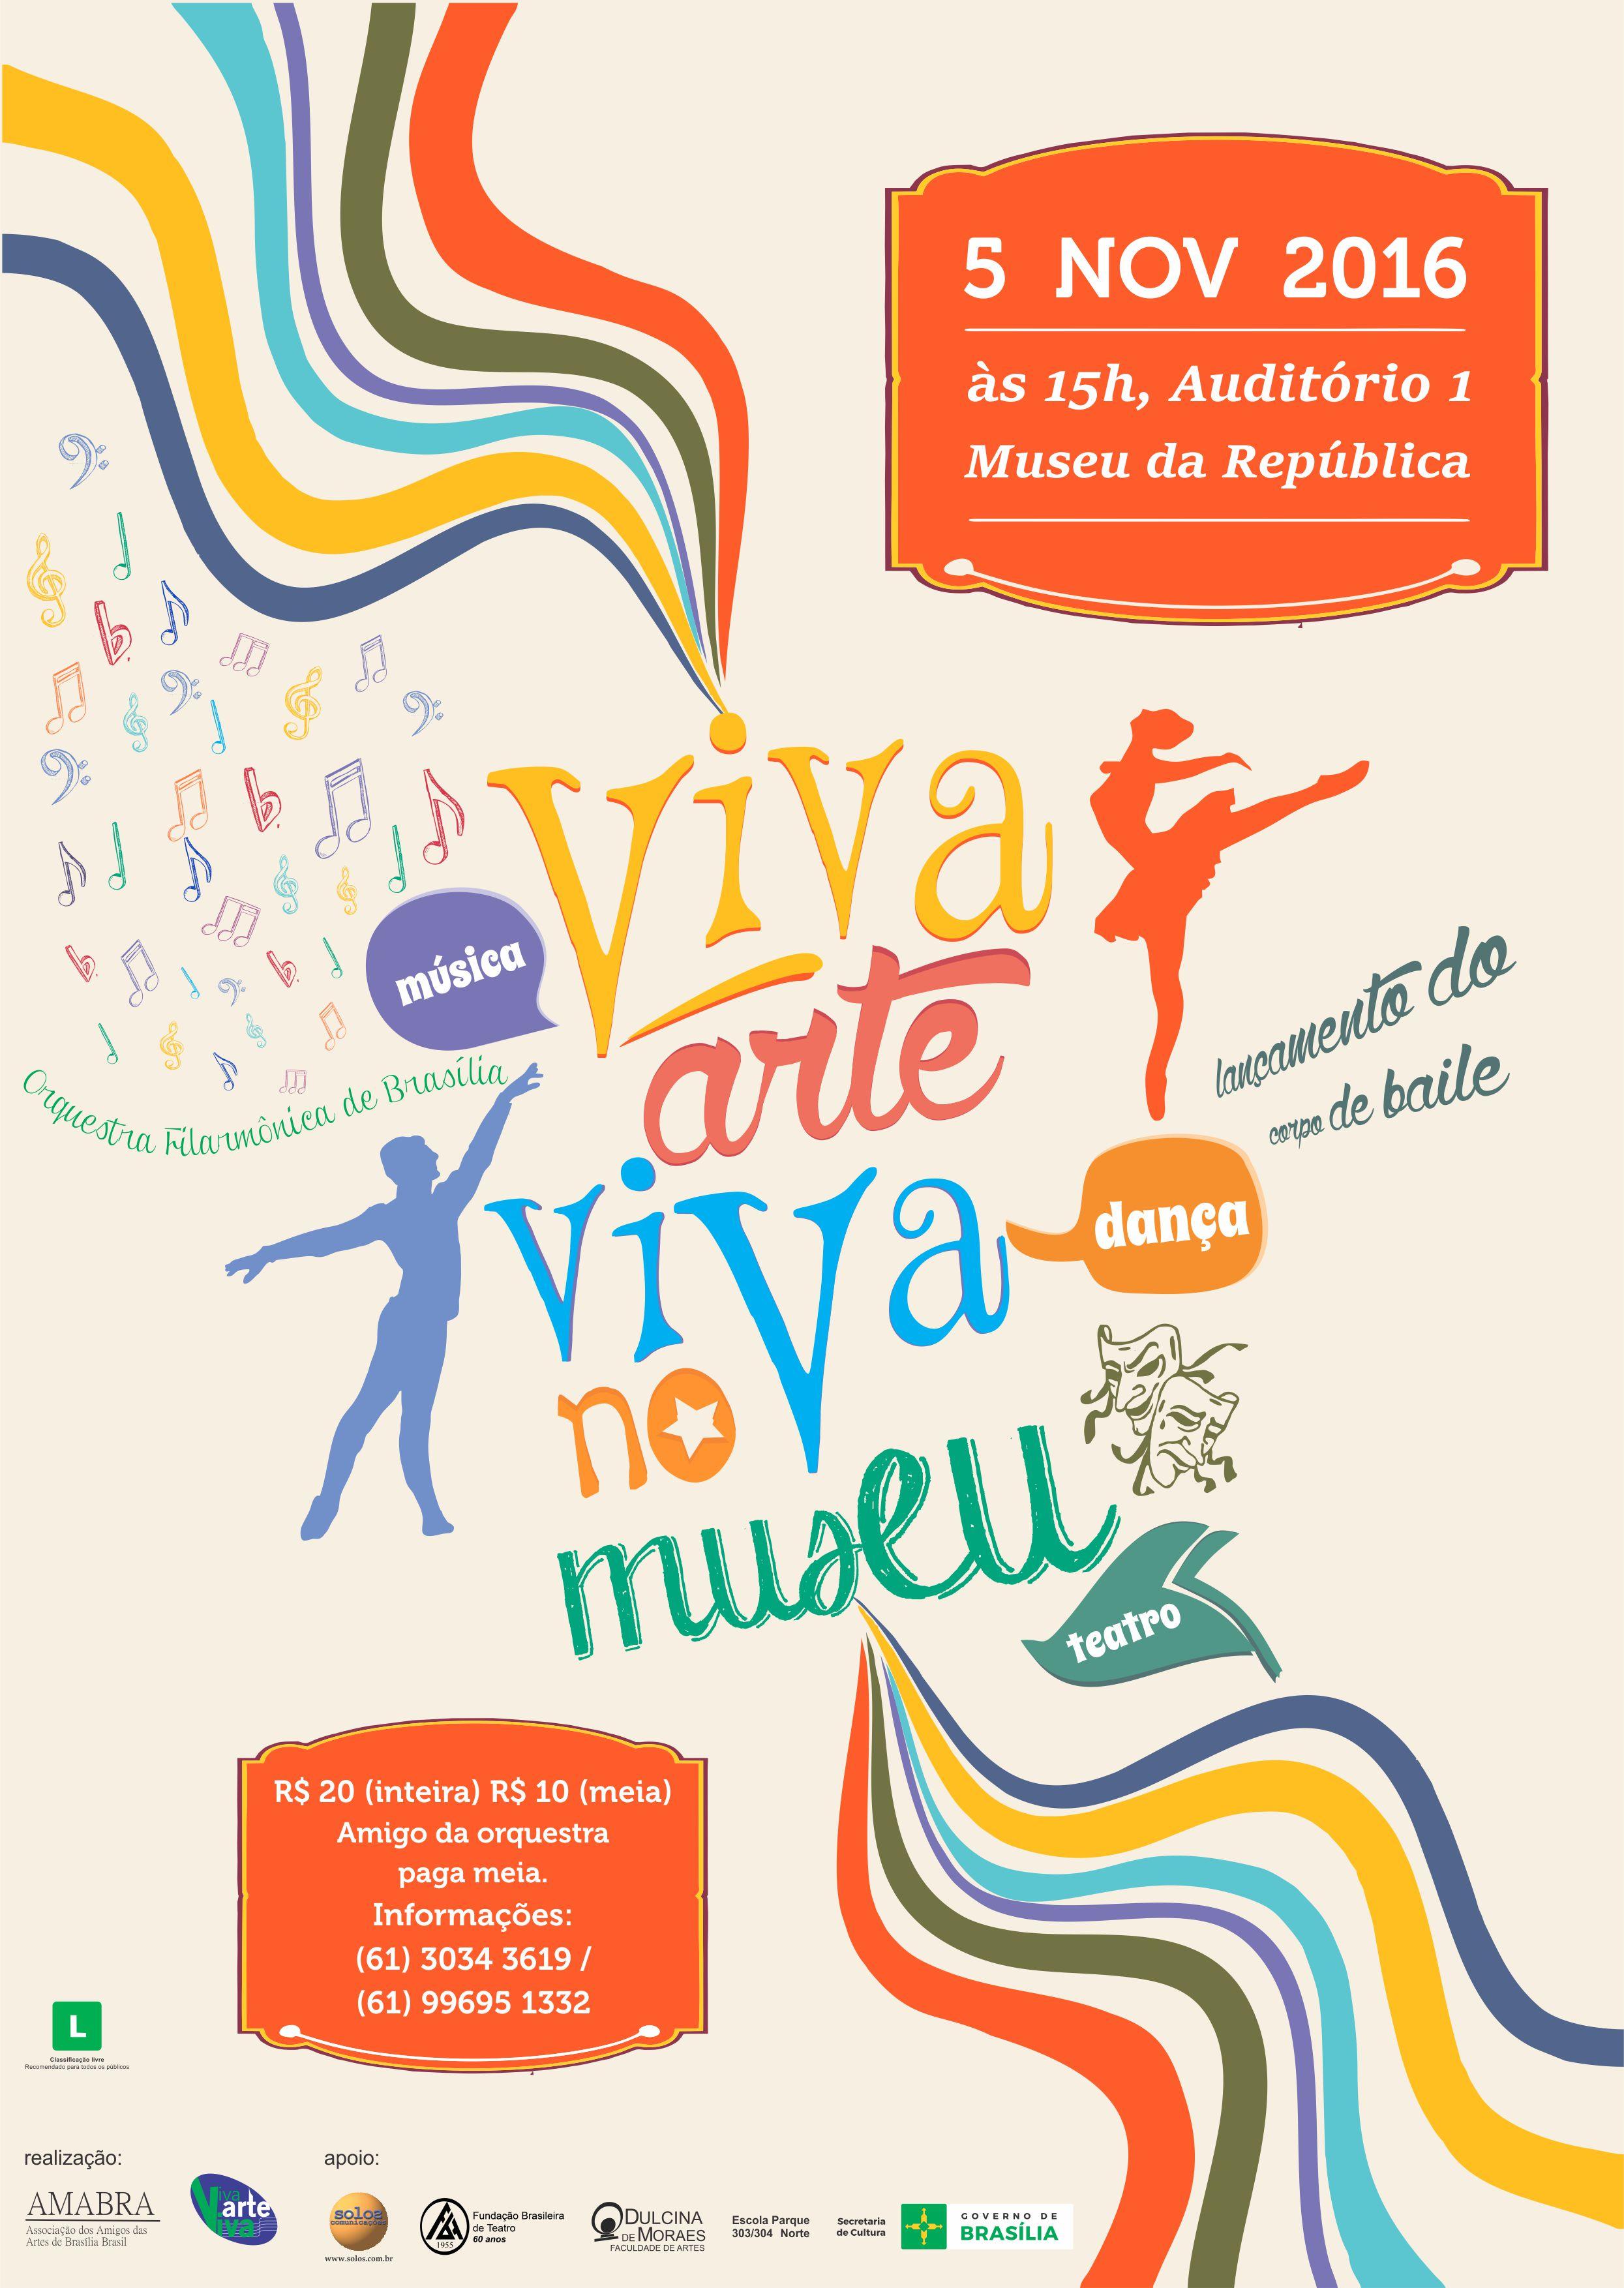 viva_arte_viva_no-museu